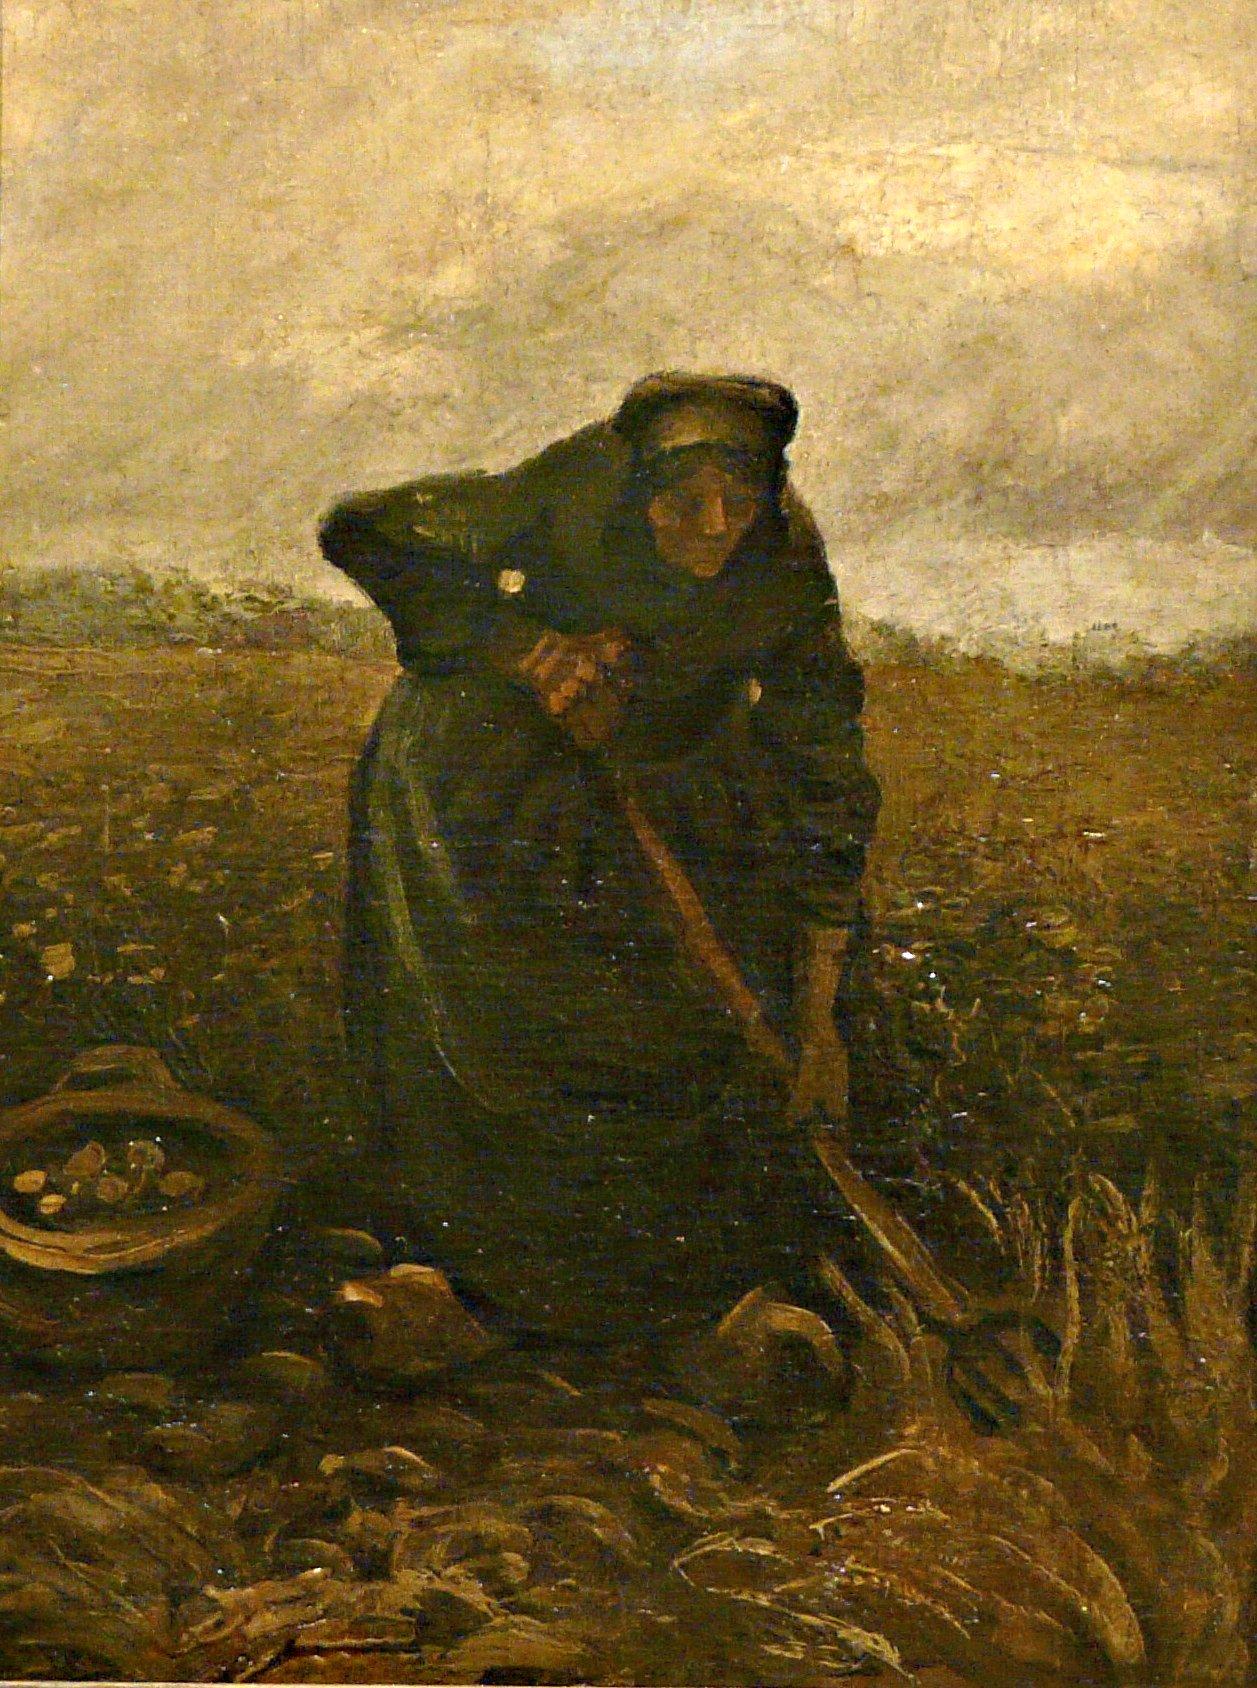 File:WLANL - jankie - Aardappelrooister, Vincent van Gogh (1885).jpg